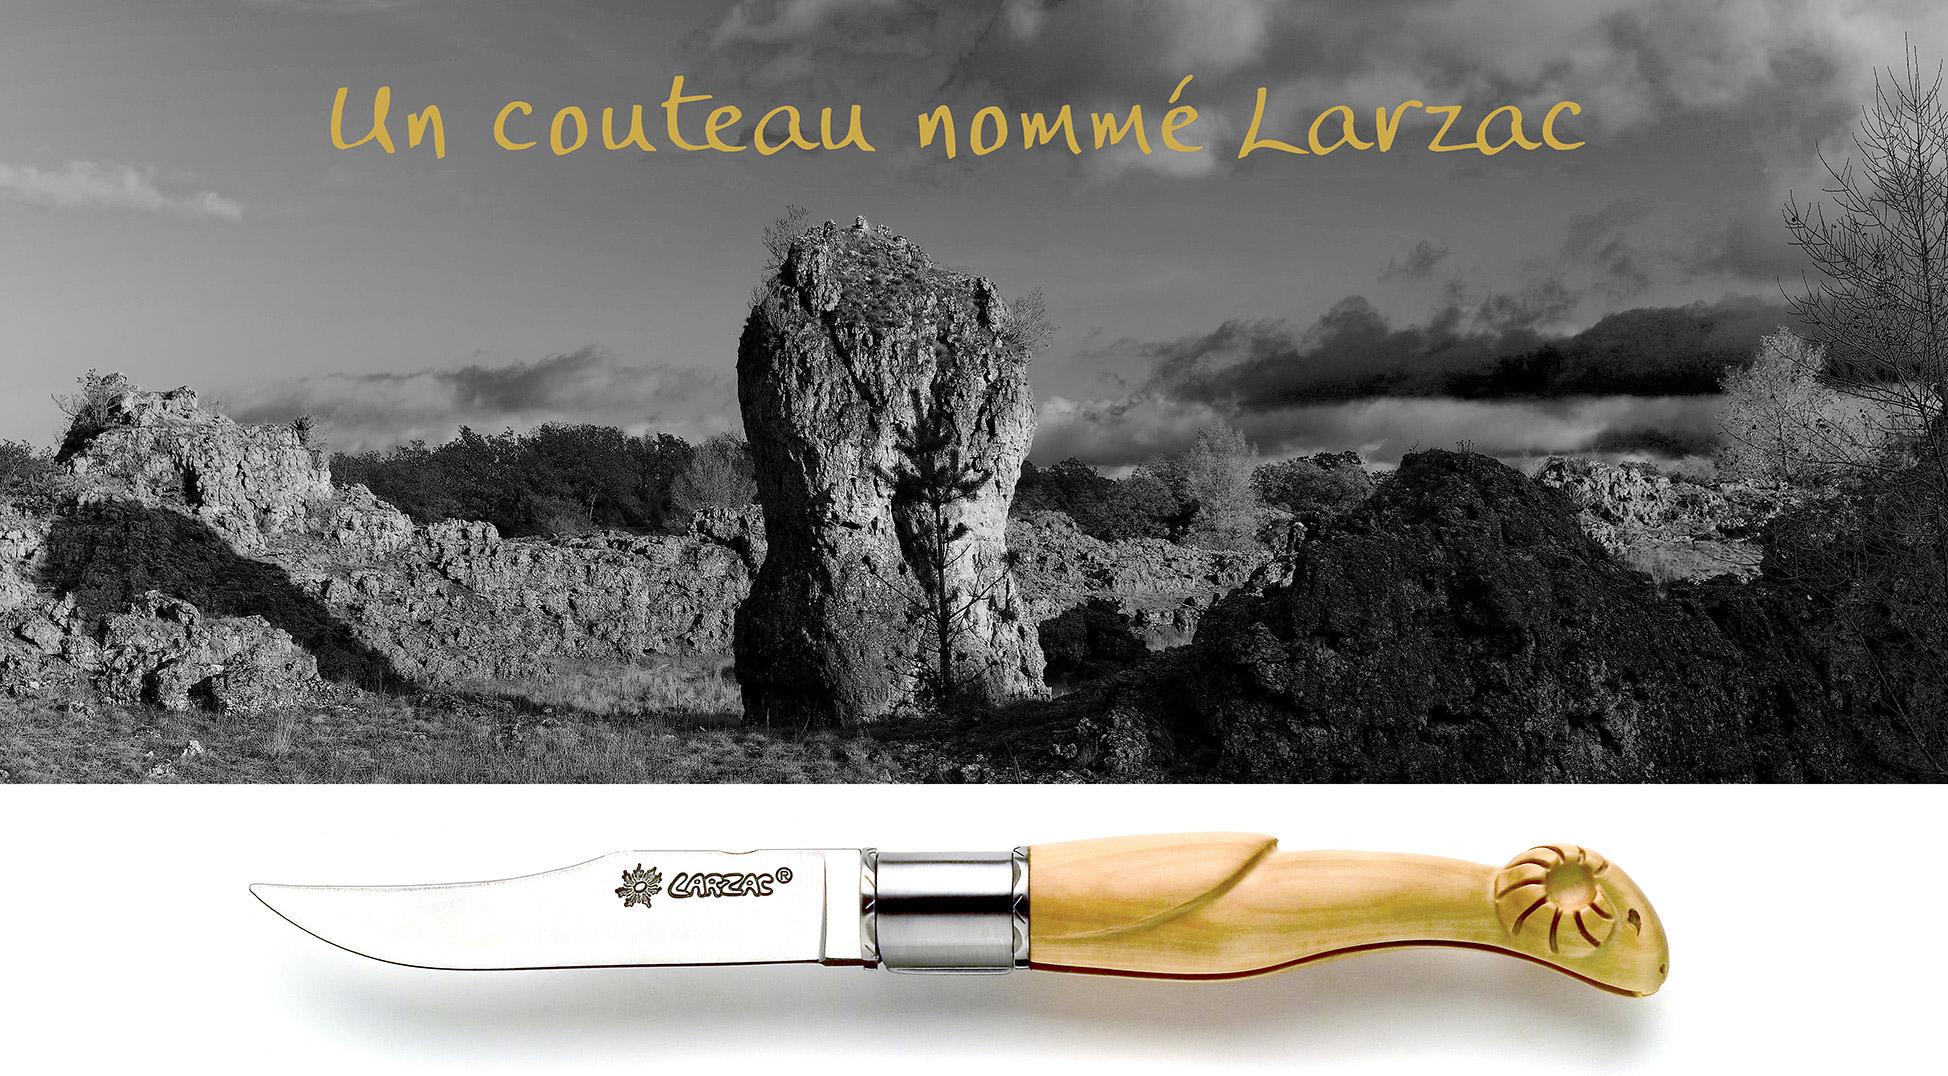 Un Couteau nommé Larzac